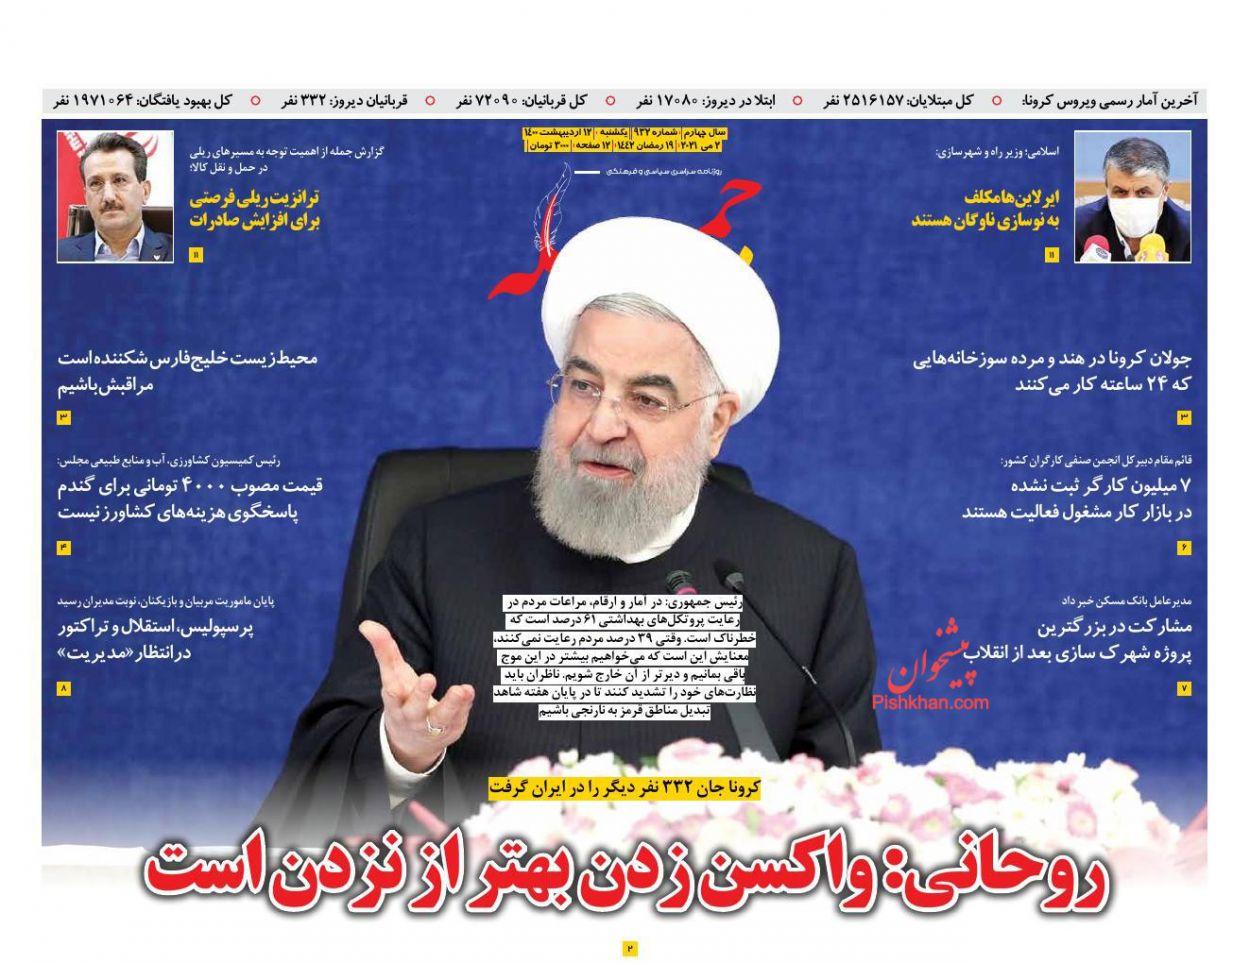 عناوین اخبار روزنامه جمله در روز یکشنبه ۱۲ ارديبهشت